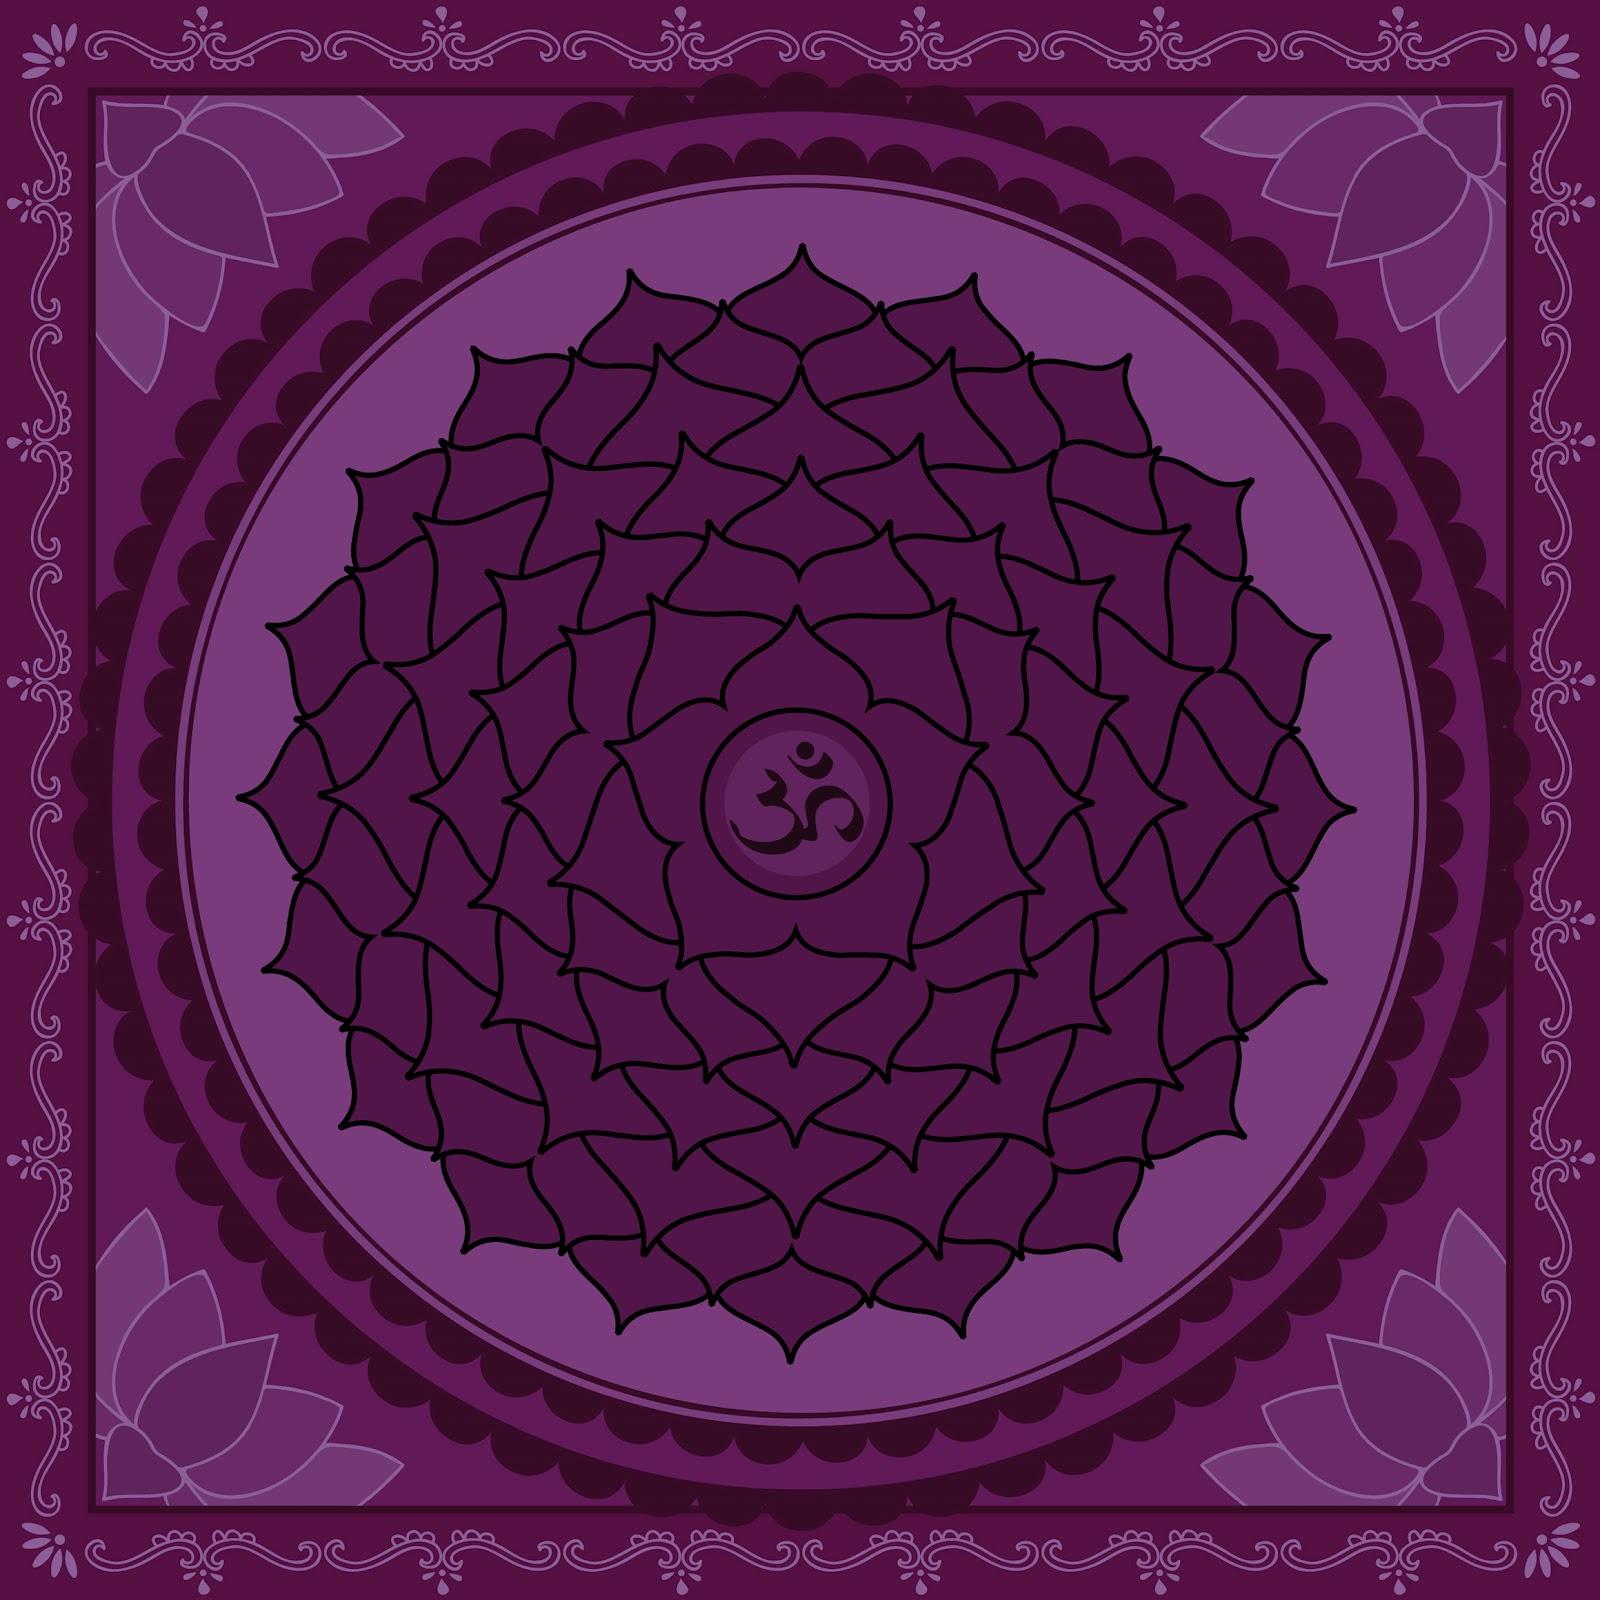 Affirmations à réciter (matin et soir) pour l'équilibrage de l'énergie de vos chakras SAHASRARA+CHAKRA